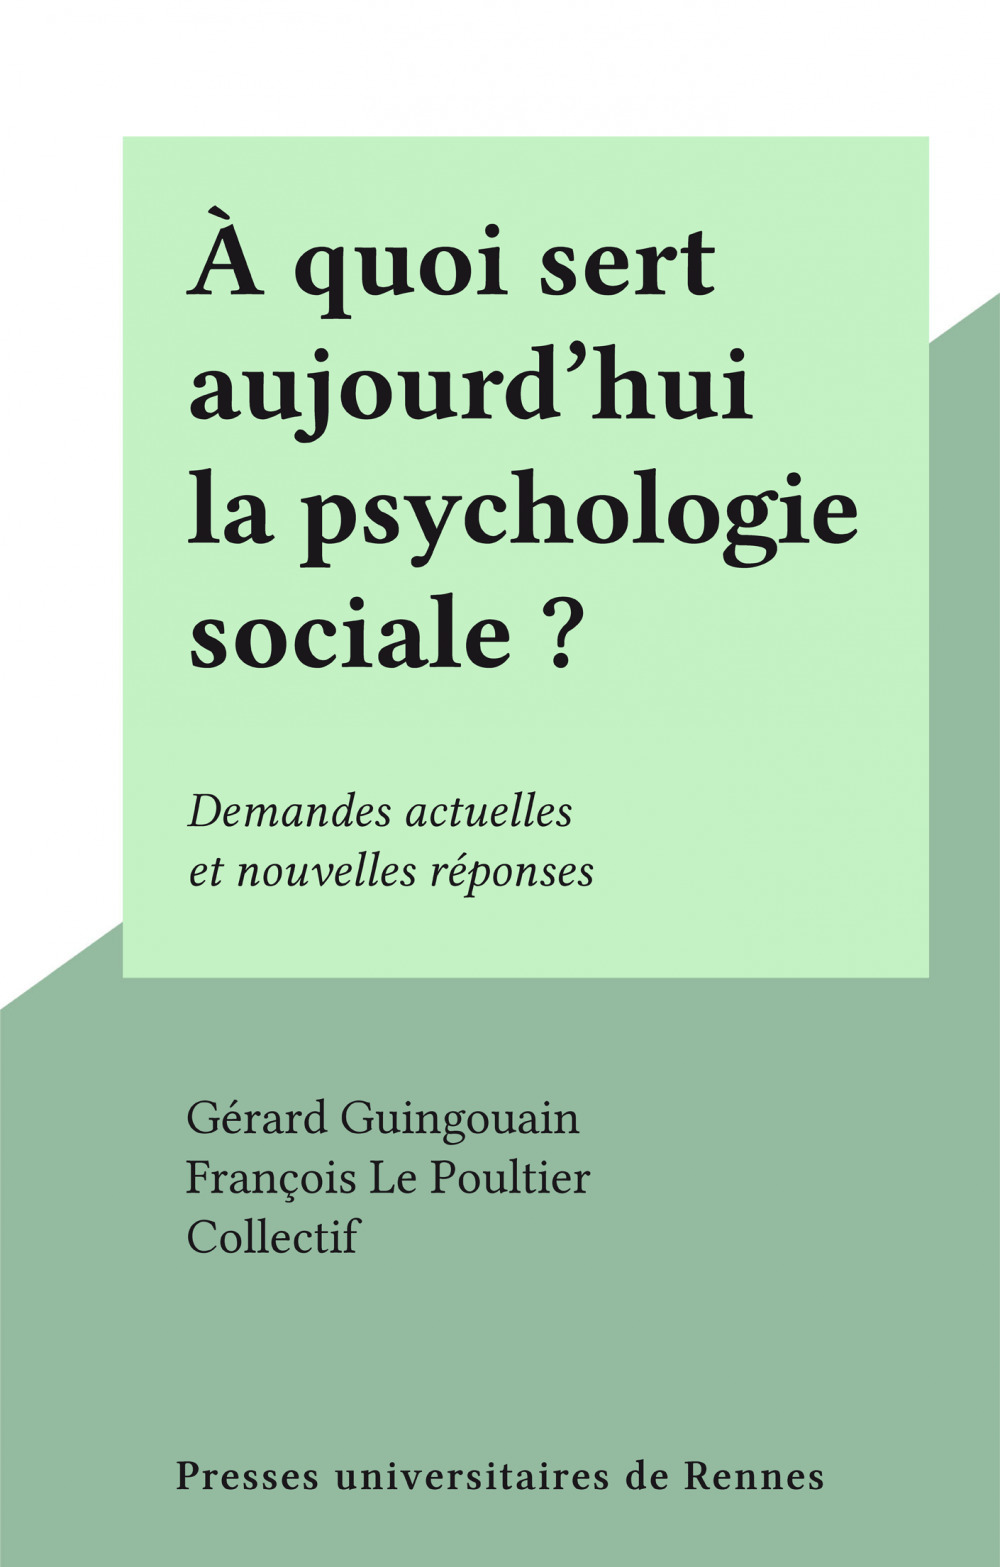 À quoi sert aujourd'hui la psychologie sociale ?